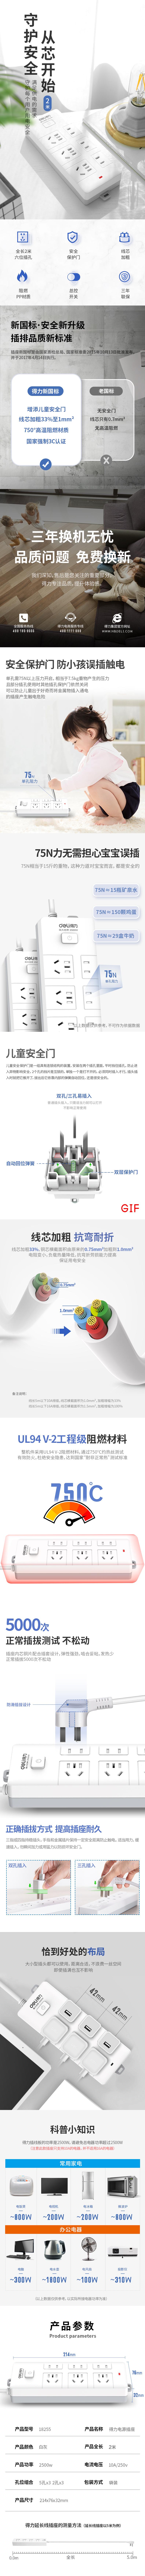 得力18255插座_3+3_2米_PVC袋装(白)(只)